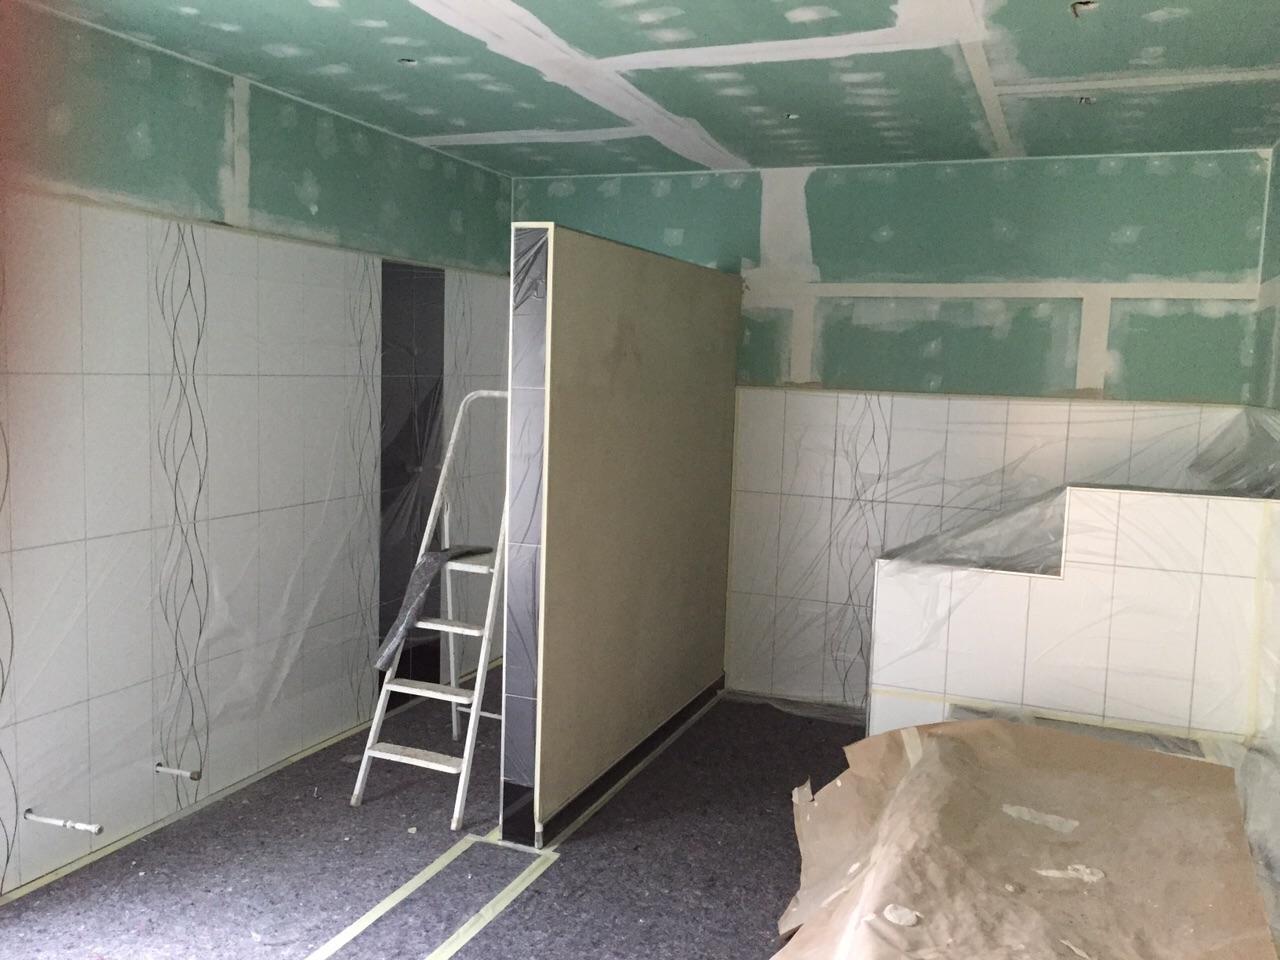 wir bauen ein haus 9 wohlf hlgl ck. Black Bedroom Furniture Sets. Home Design Ideas